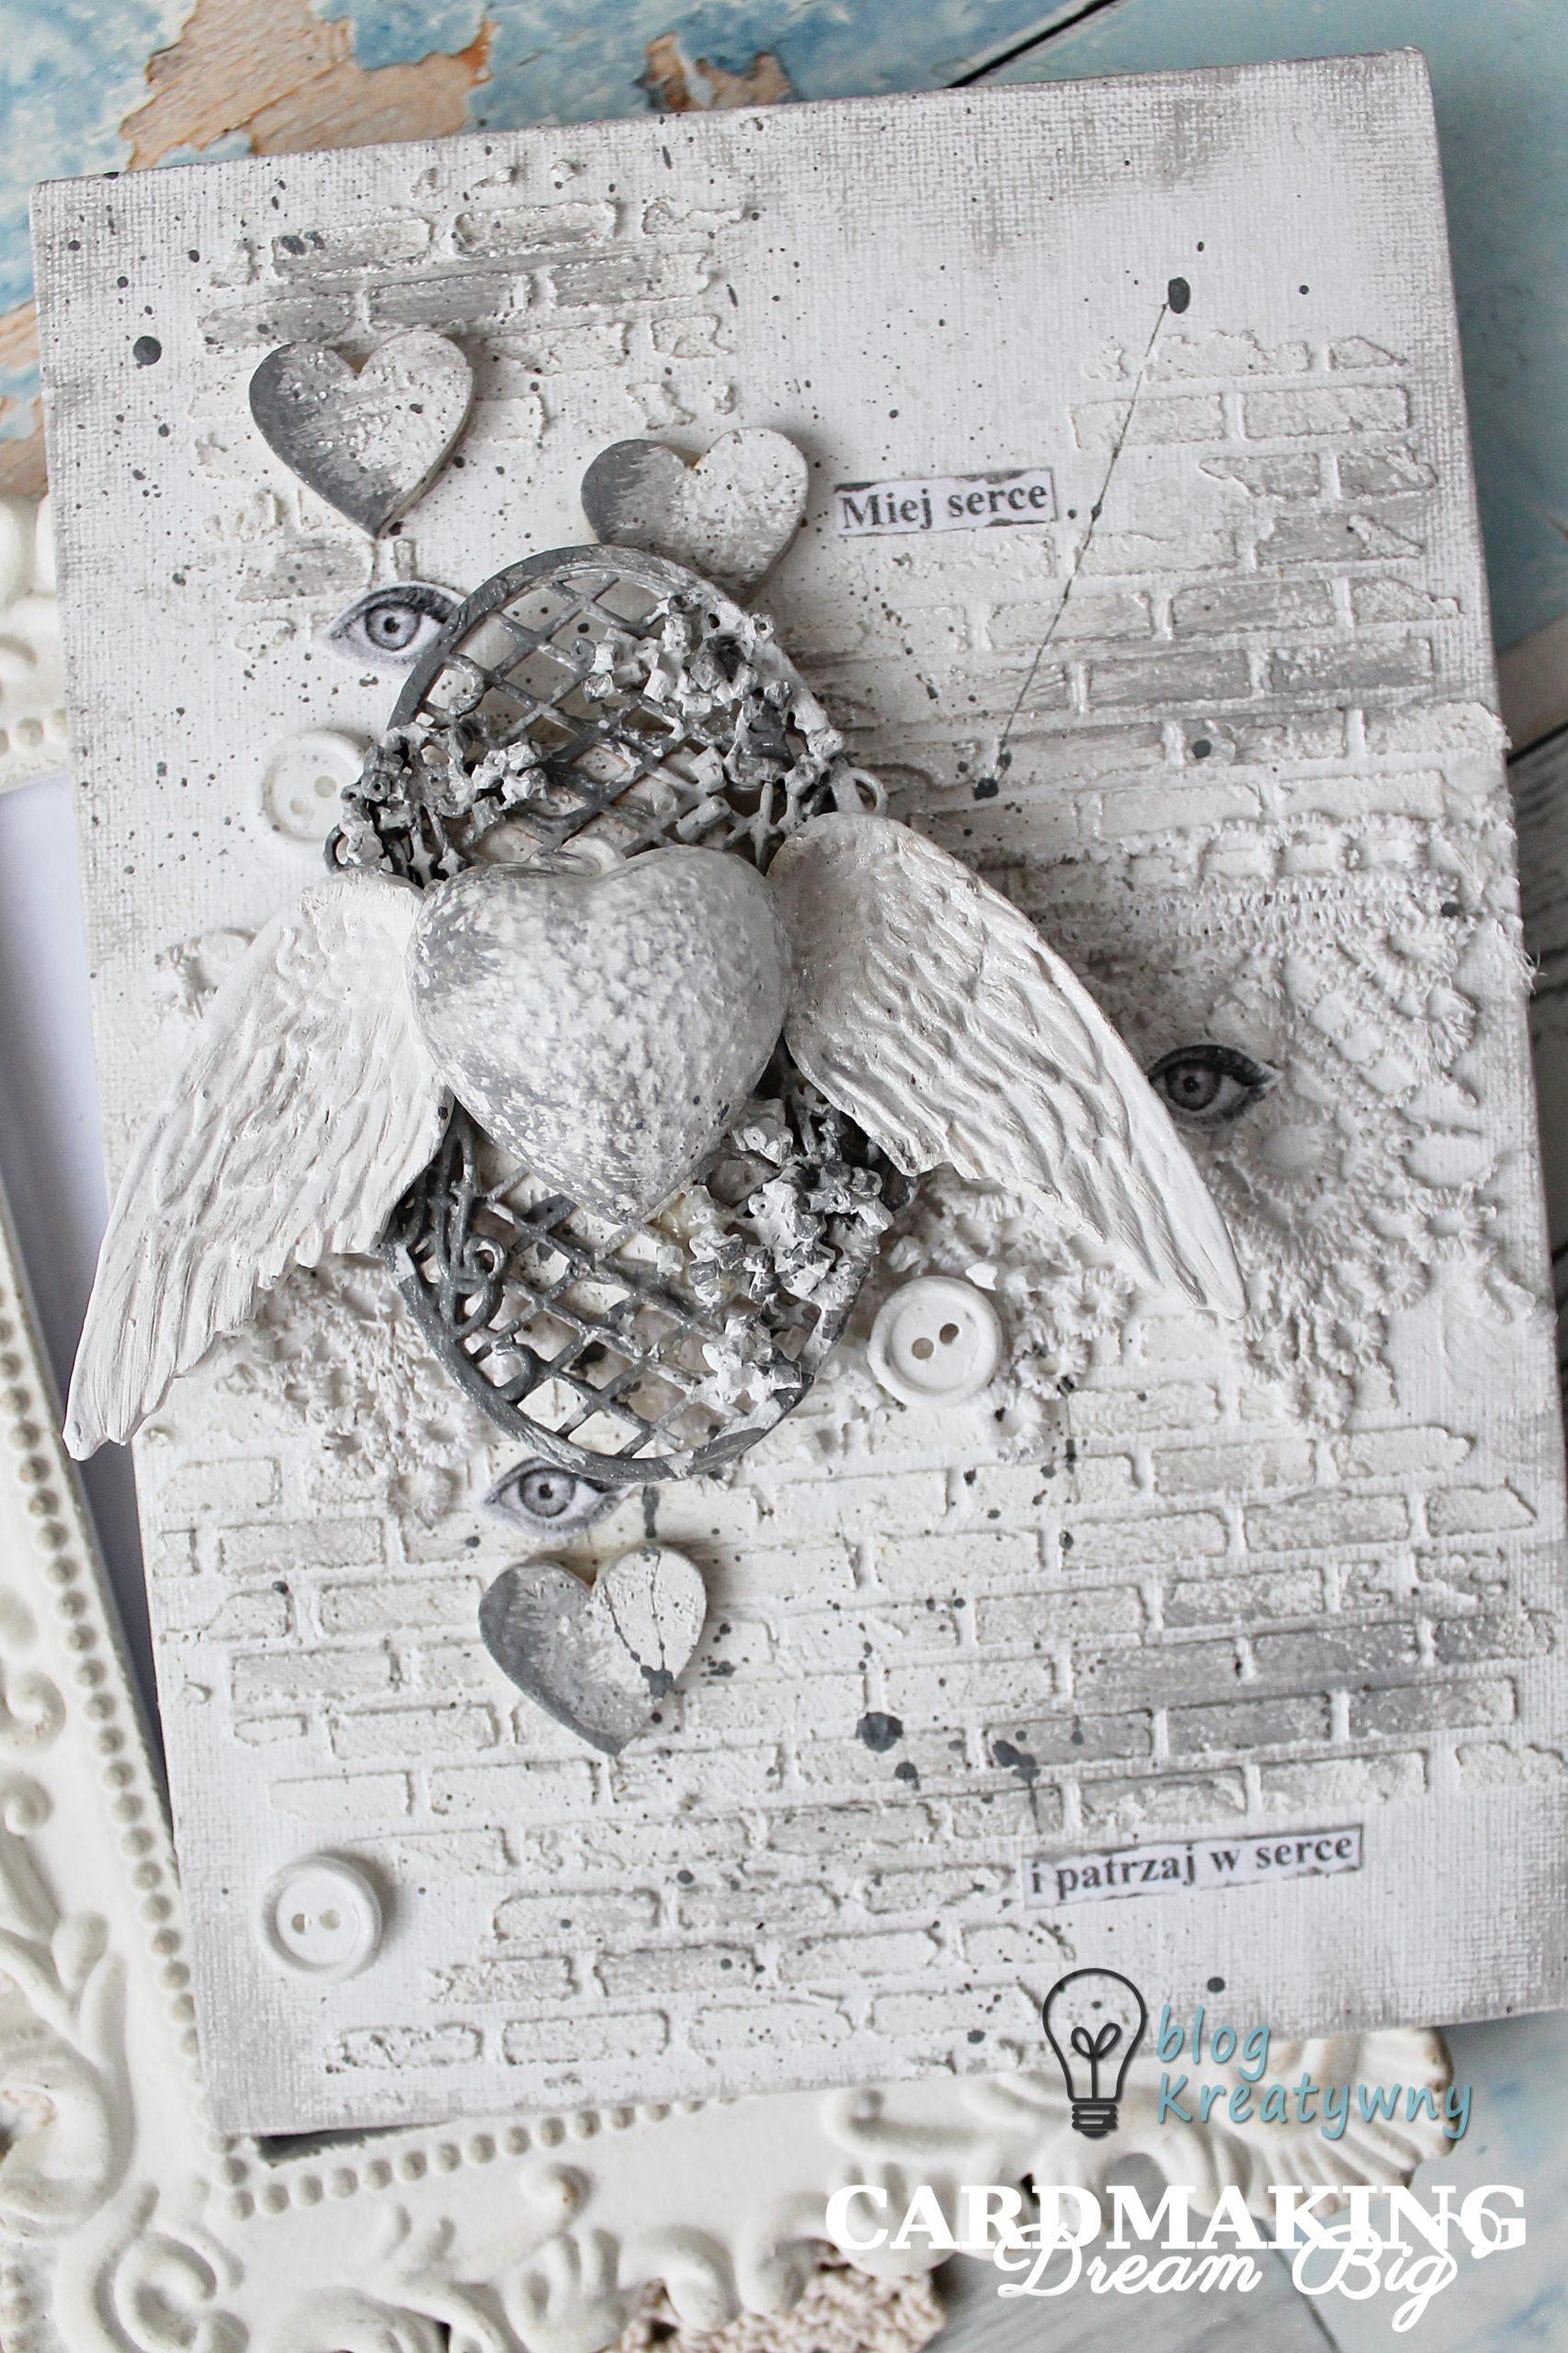 miej serce i patrzaj w serce - Magdalena